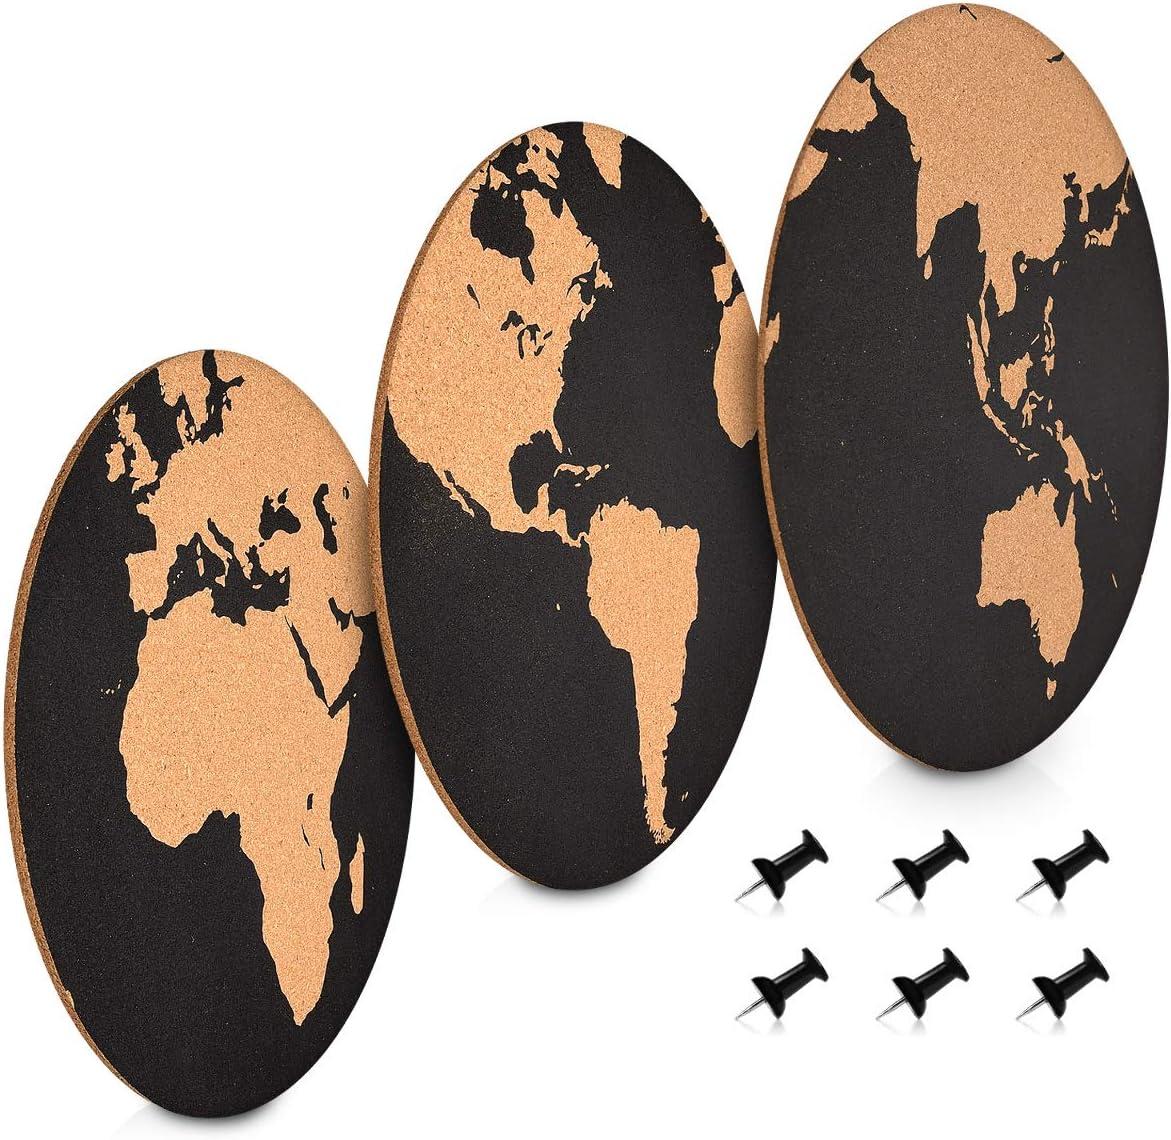 3x Pizarra mapamundi de corcho Con chinchetas Navaris Set de tableros de corcho Pizarras redondas con diversos dise/ños de mapas del mundo